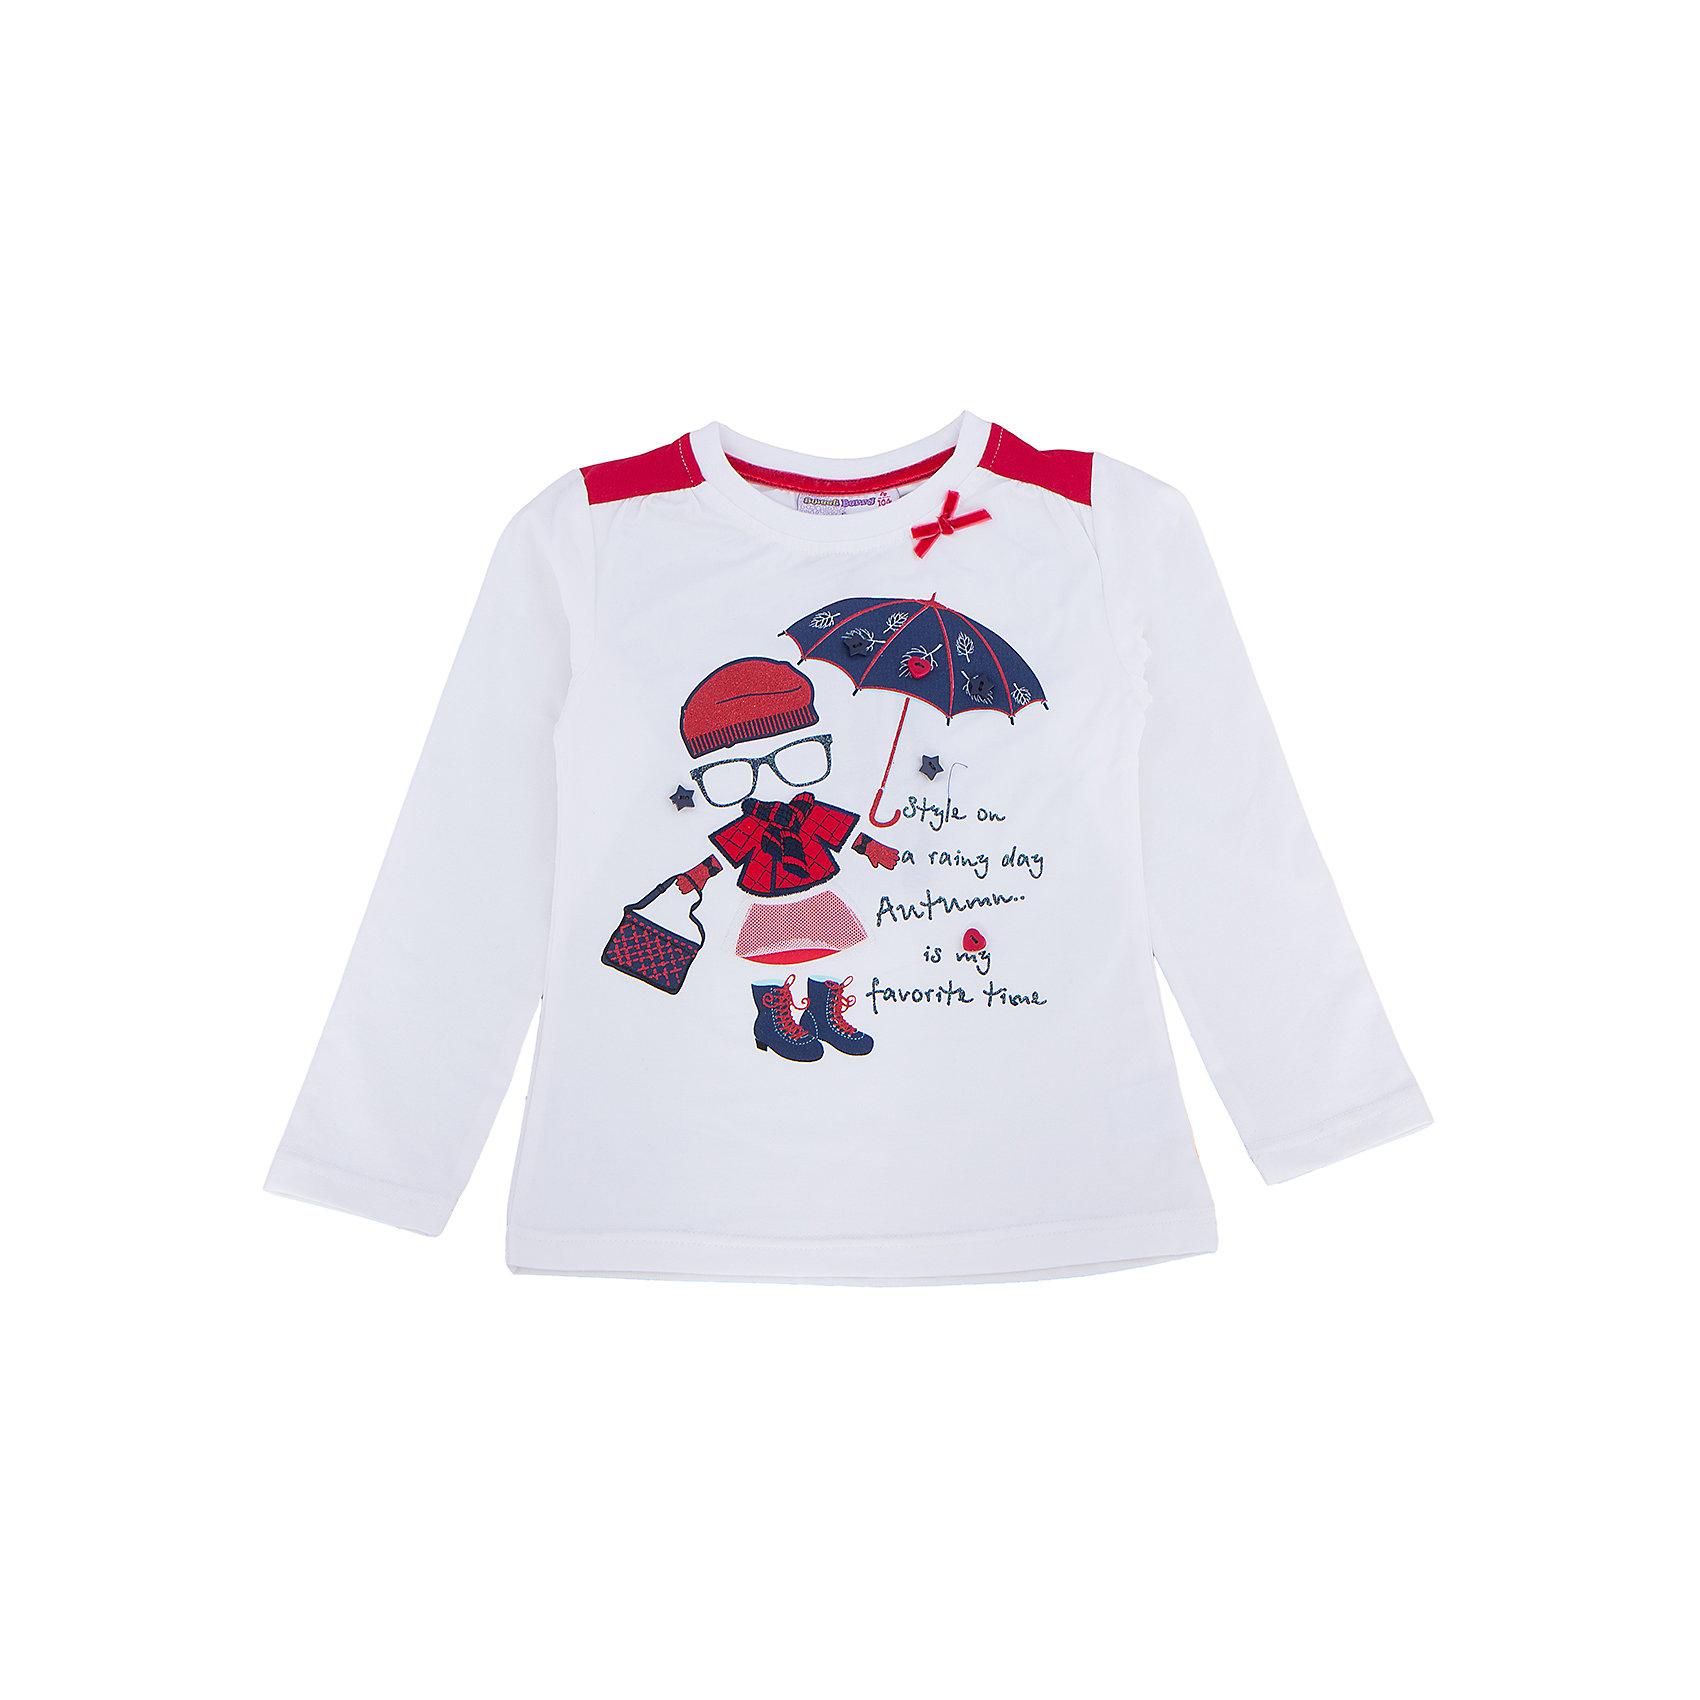 Футболка с длинным рукавом для девочки Sweet BerryФутболки с длинным рукавом<br>Эта футболка с длинным рукавом для девочки отличается модным дизайном с ярким принтом. Удачный крой обеспечит ребенку комфорт и тепло. Вещь плотно прилегает к телу там, где нужно, и отлично сидит по фигуре.<br>Одежда от бренда Sweet Berry - это простой и выгодный способ одеть ребенка удобно и стильно. Всё изделия тщательно проработаны: швы - прочные, материал - качественный, фурнитура - подобранная специально для детей. <br><br>Дополнительная информация:<br><br>цвет: белый;<br>материал: 95% хлопок, 5% эластан;<br>декорирована принтом и аппликацией.<br><br>Футболку с длинным рукавом для девочки от бренда Sweet Berry можно купить в нашем интернет-магазине.<br><br>Ширина мм: 230<br>Глубина мм: 40<br>Высота мм: 220<br>Вес г: 250<br>Цвет: белый<br>Возраст от месяцев: 36<br>Возраст до месяцев: 48<br>Пол: Женский<br>Возраст: Детский<br>Размер: 104,98,128,122,116,110<br>SKU: 4931462